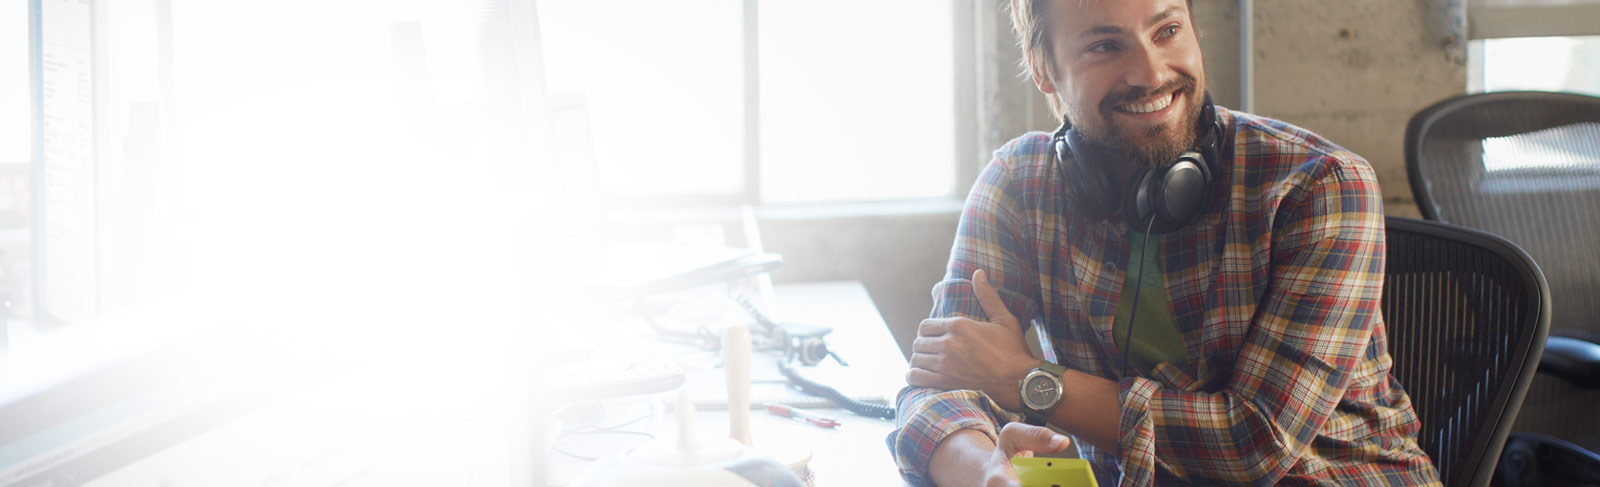 Un homme à son bureau, tenant un téléphone et utilisant Office365 EntrepriseE1.